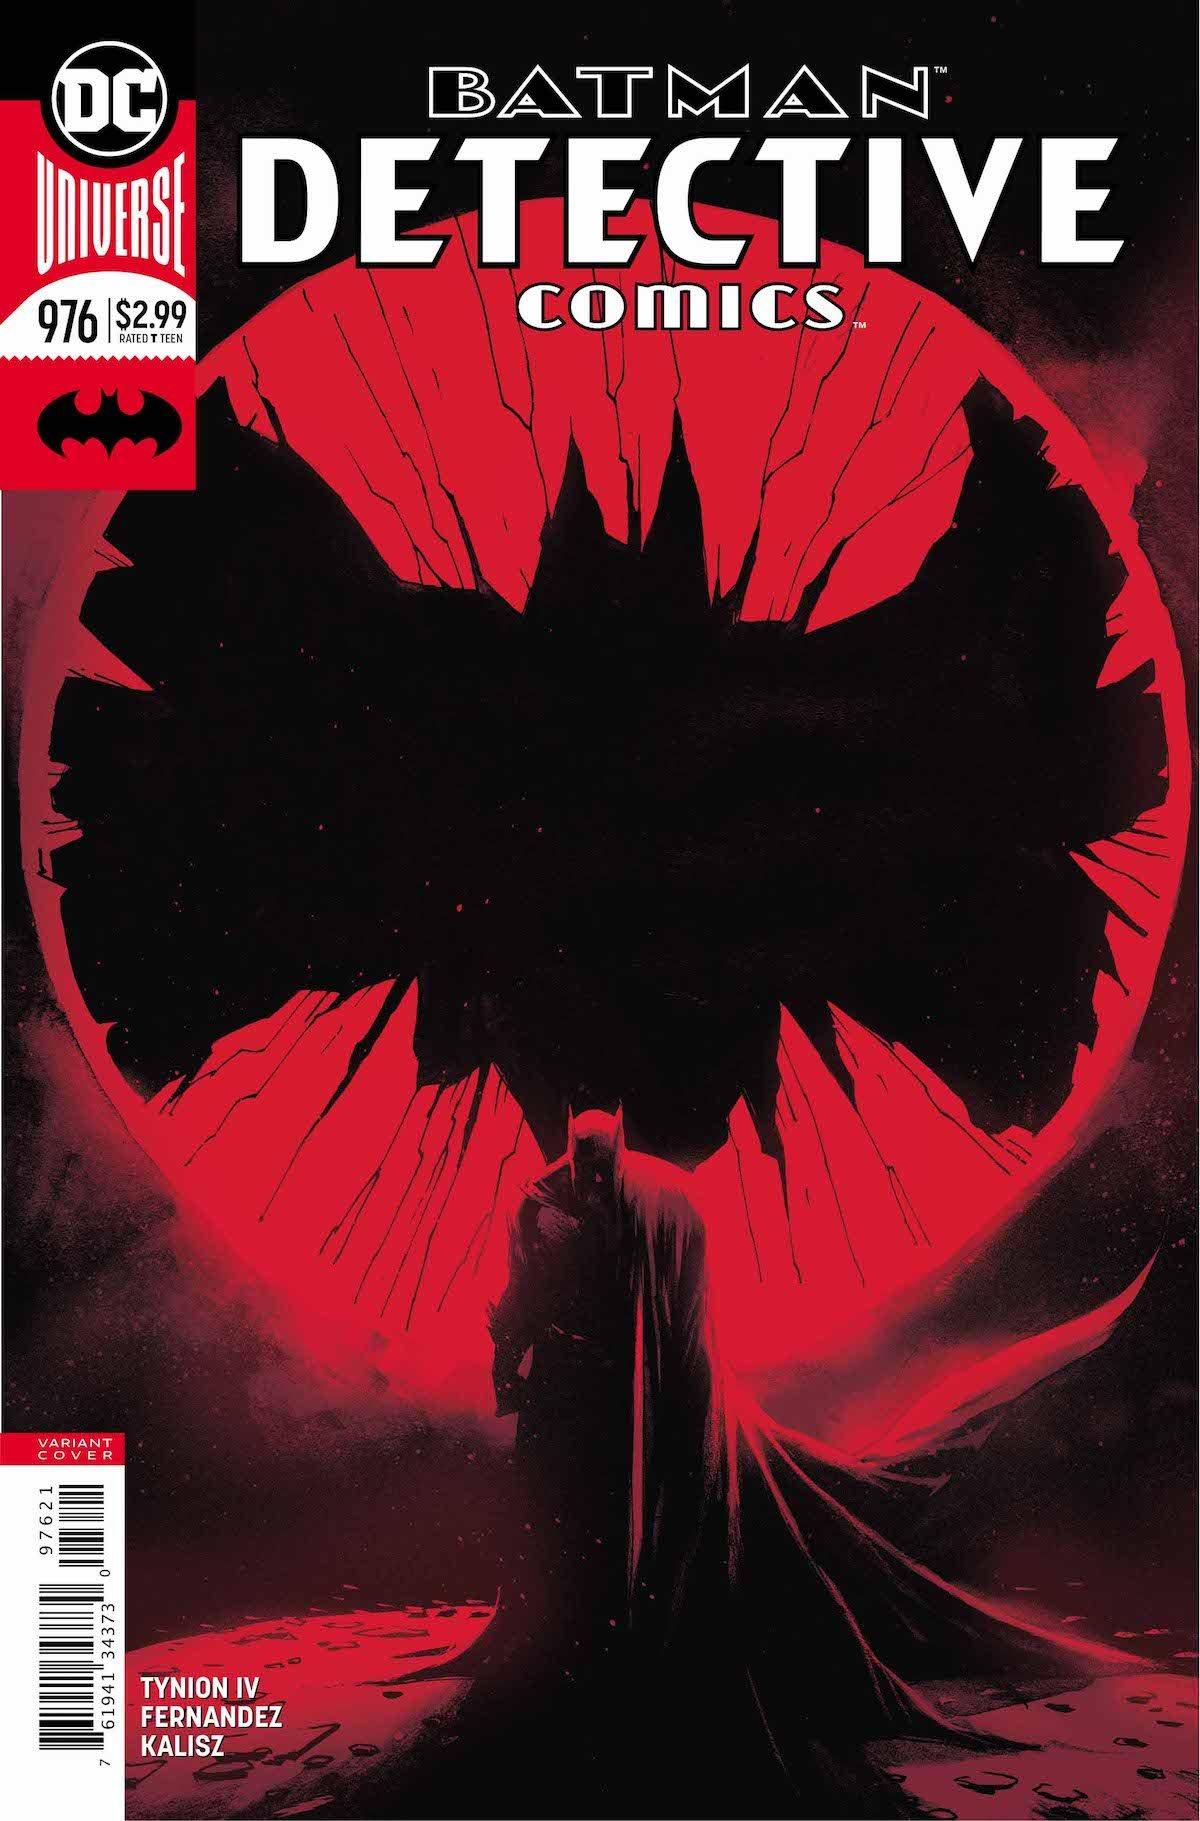 Detective Comics #976 variant cover